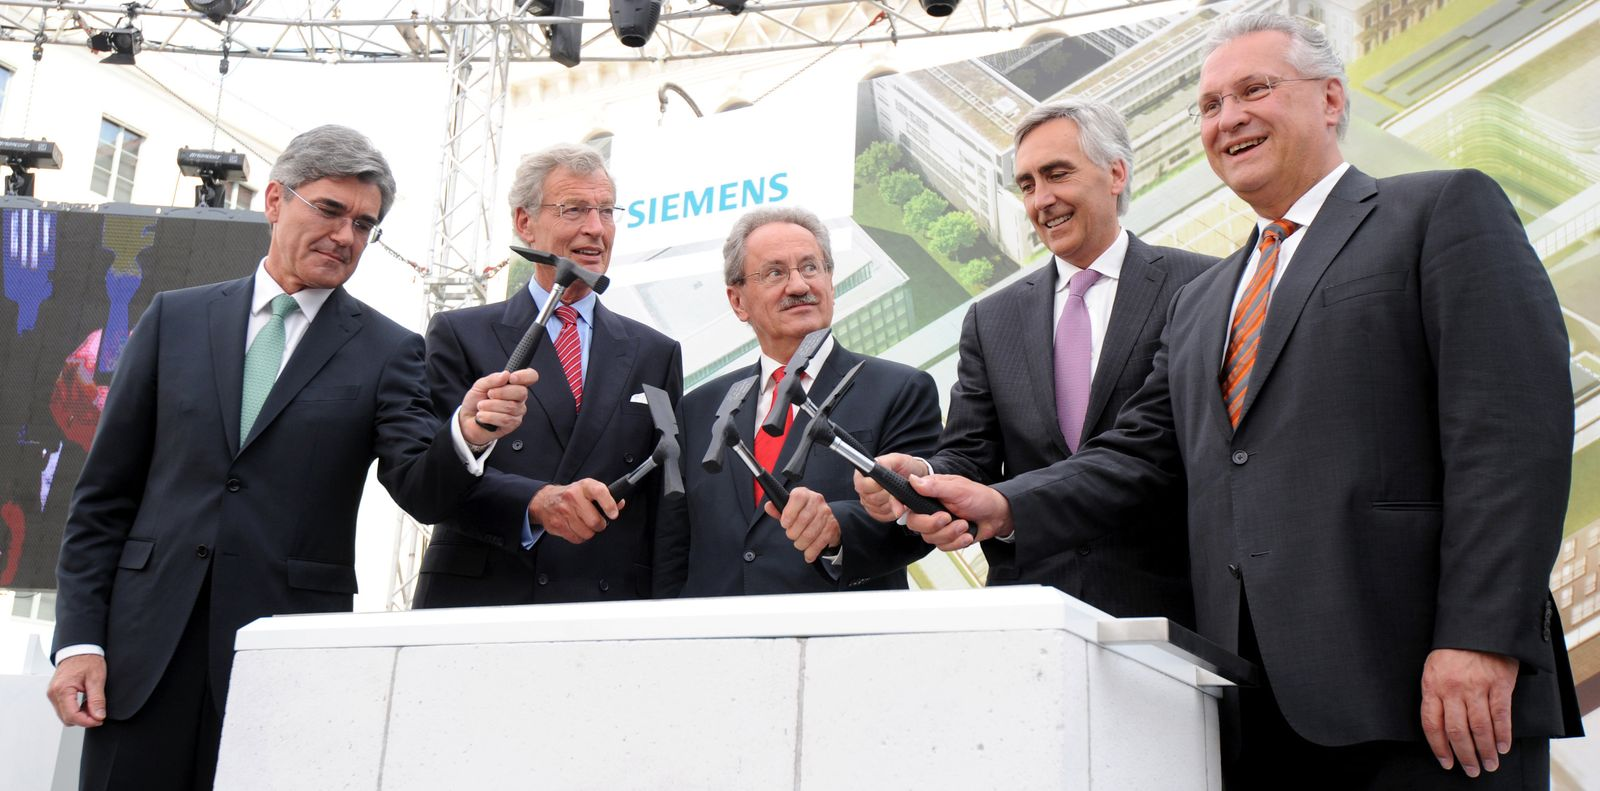 Cromme / Kaeser / Grundsteinlegung Siemens-Konzernzentrale